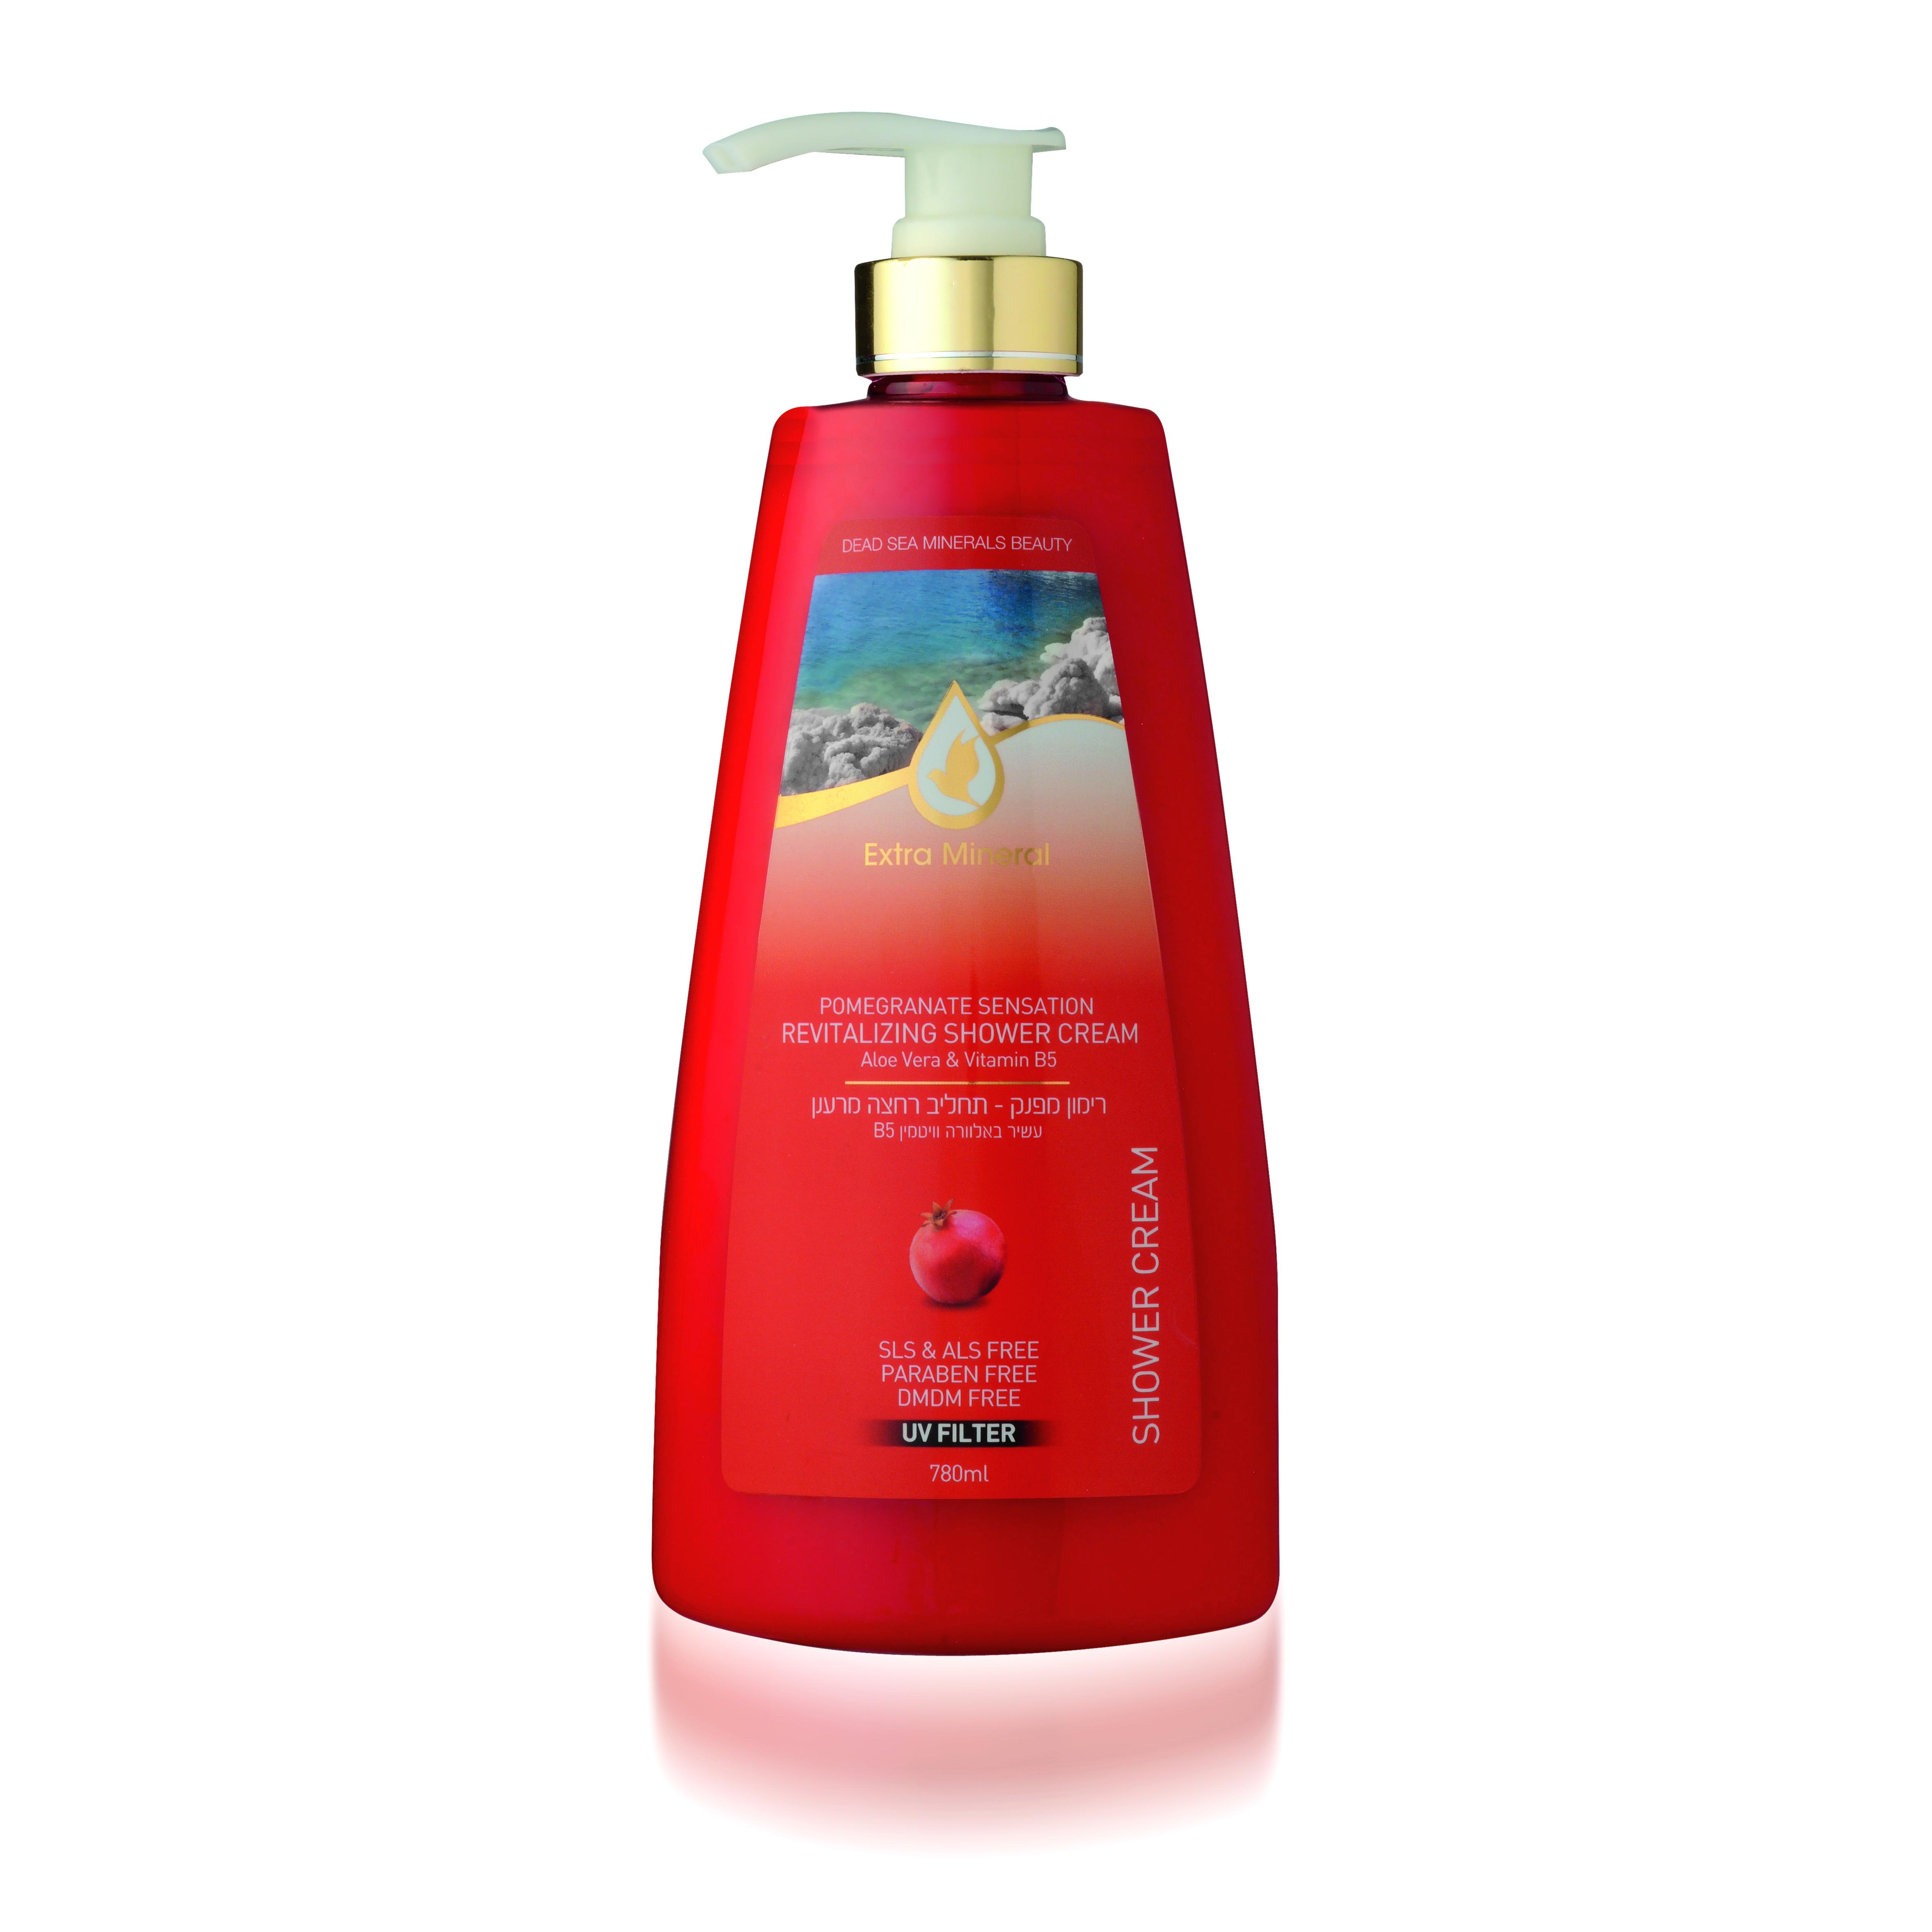 Extra Mineral Восстанавливающий шампунь для поврежденных и окрашенных волос c экстрактом ганата 780 мл